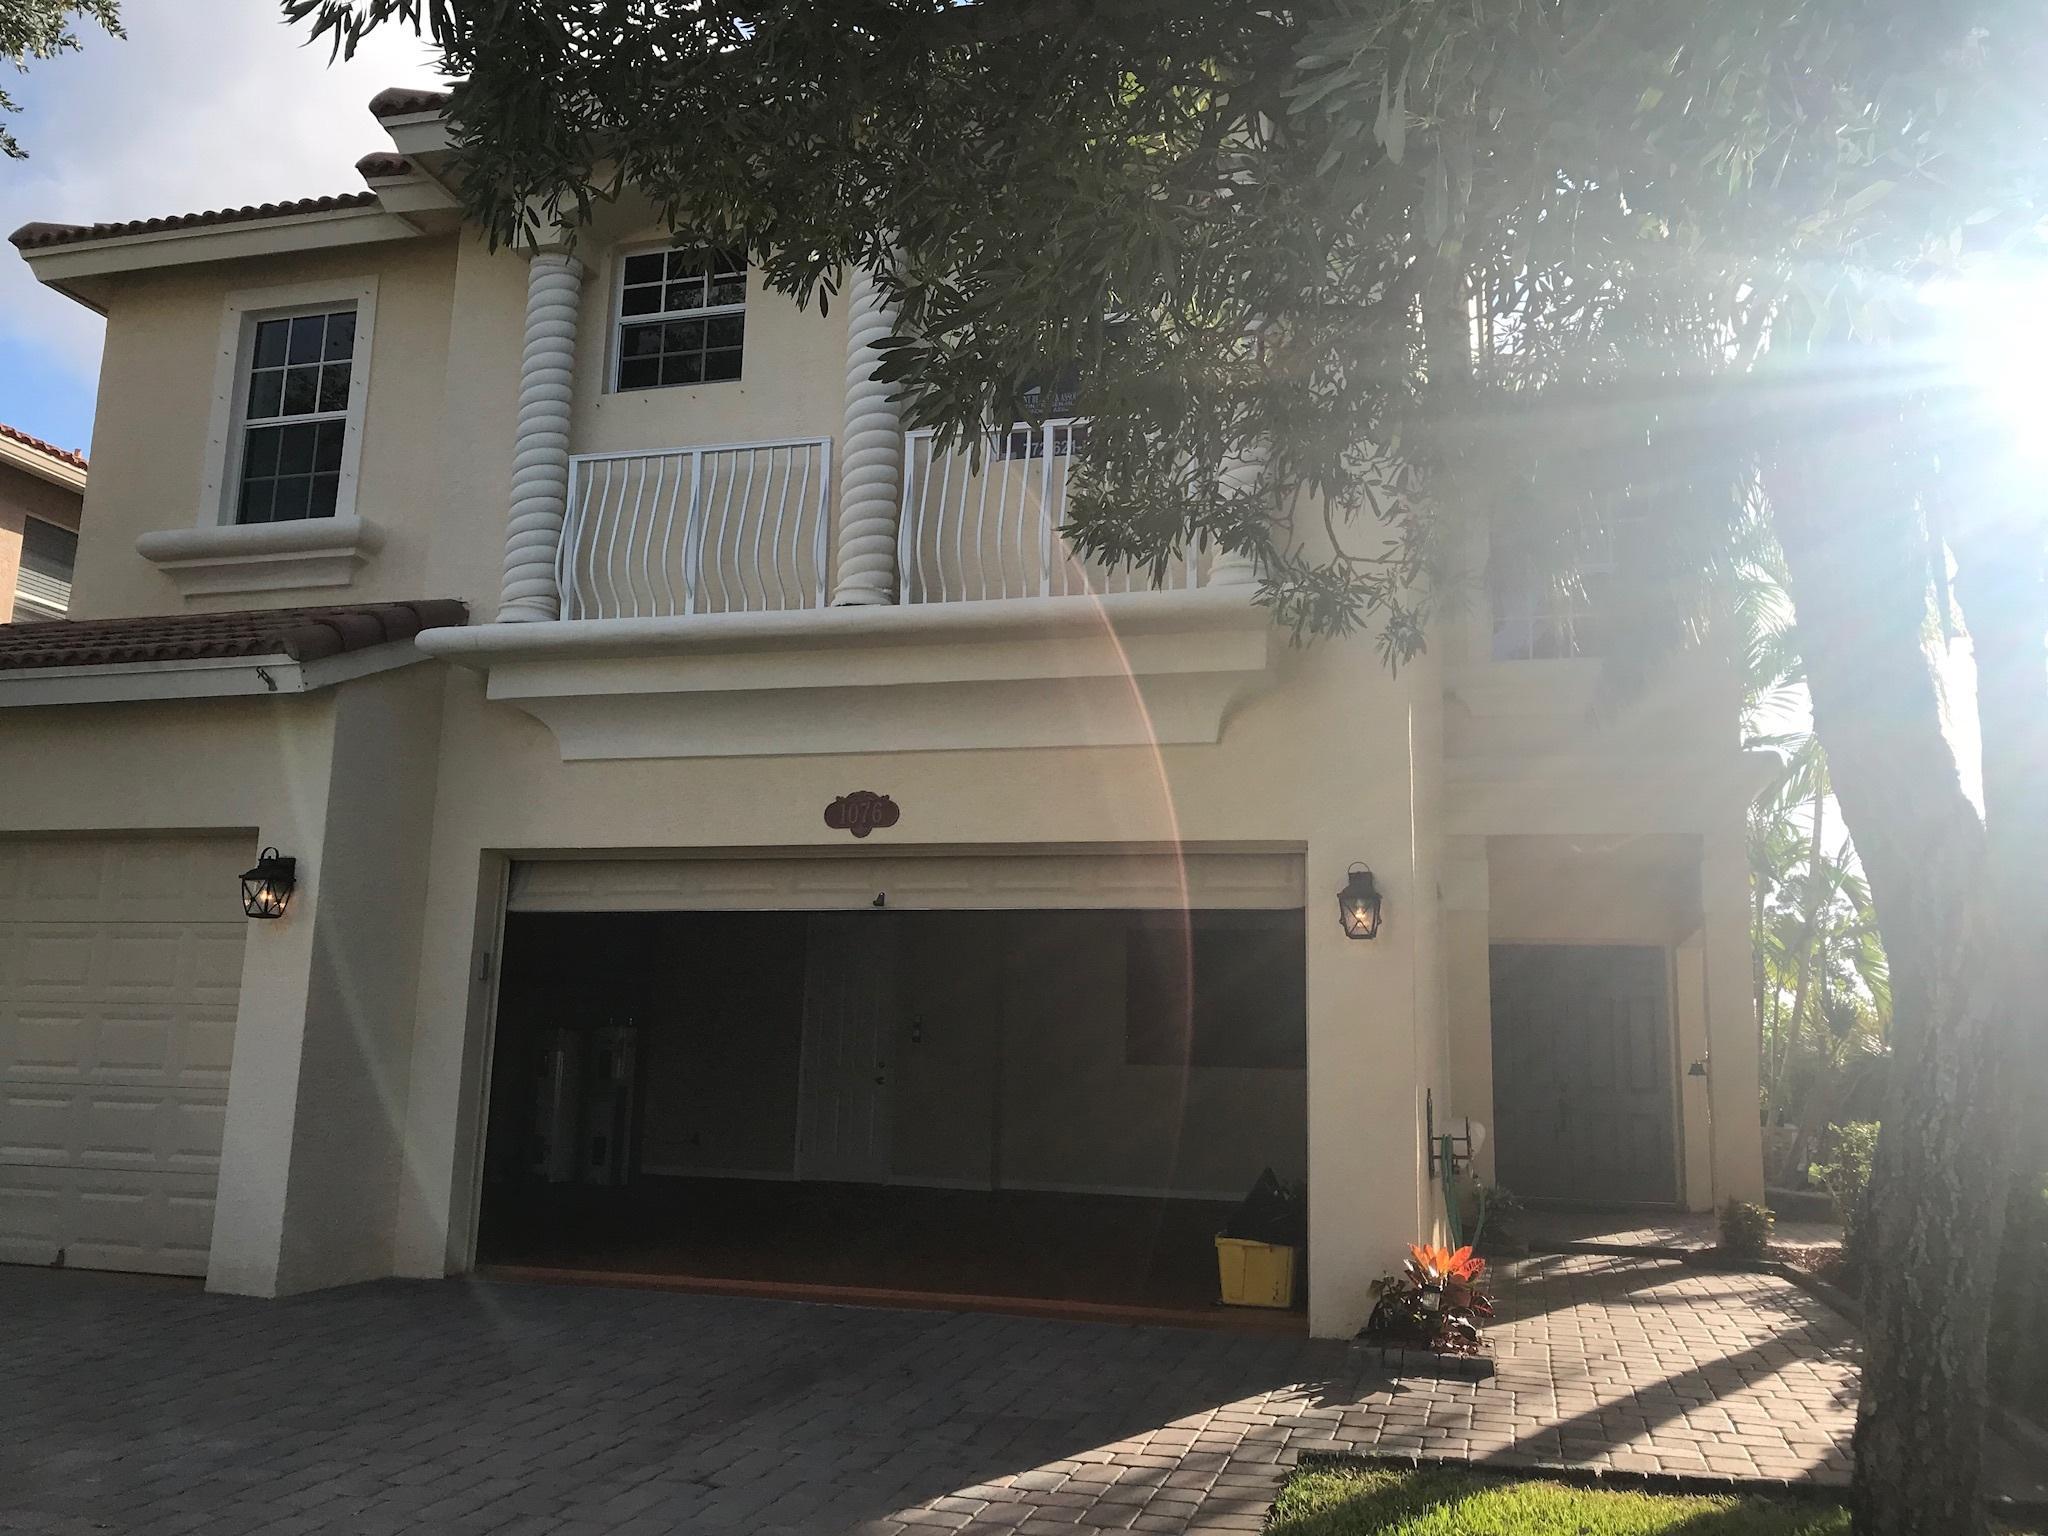 MARTINS CROSSING STUART FLORIDA